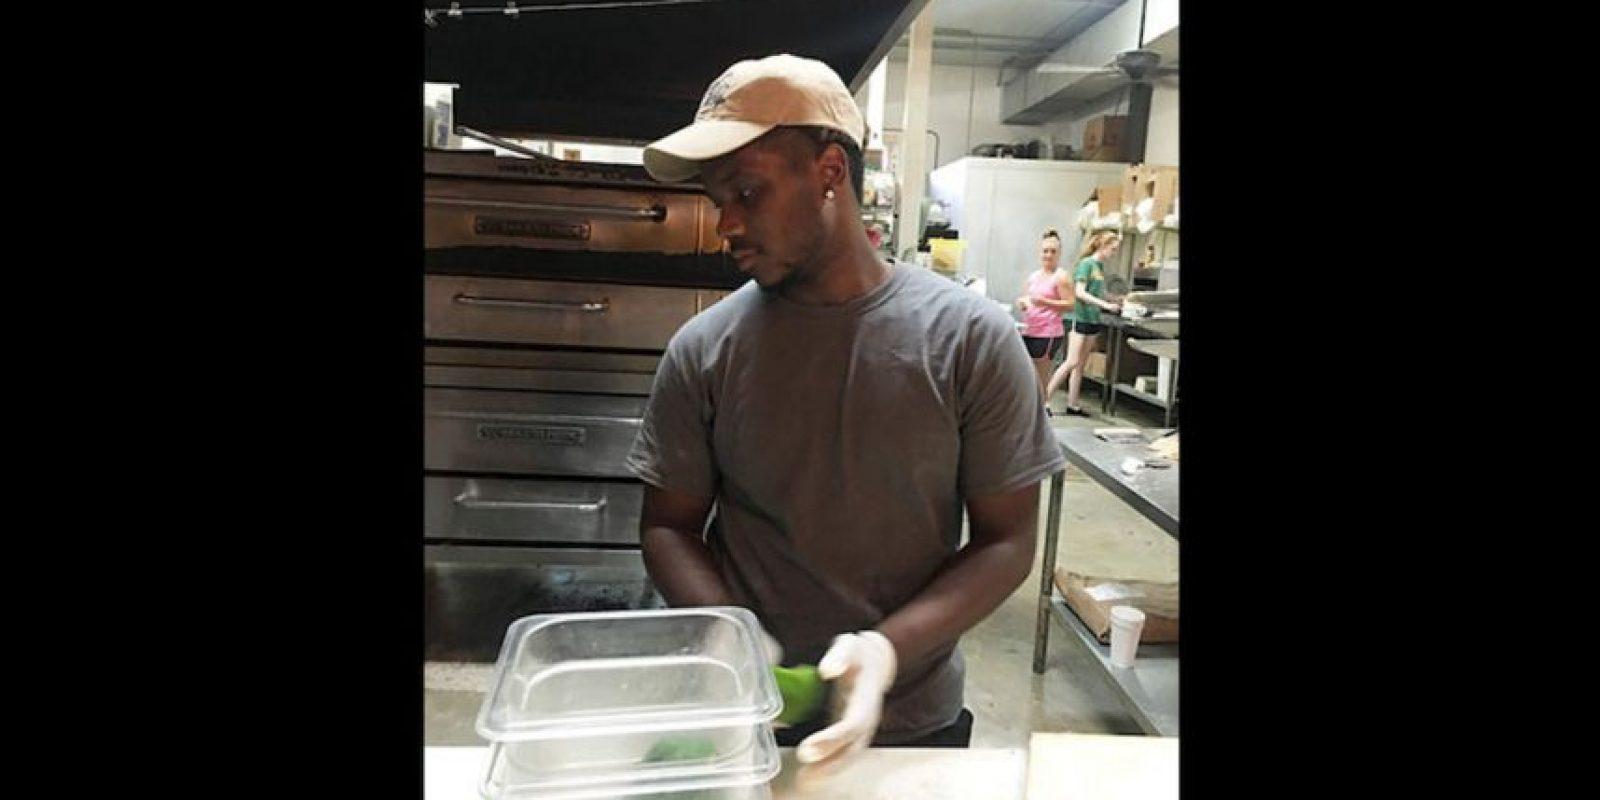 Su historia llamó tanto la atención que una pizzería local le ofreció un trabajo y varios policías ofrecieron pagar dos noches de hotel para que no durmiera en la calle. Foto:DEBRA ADAMSON